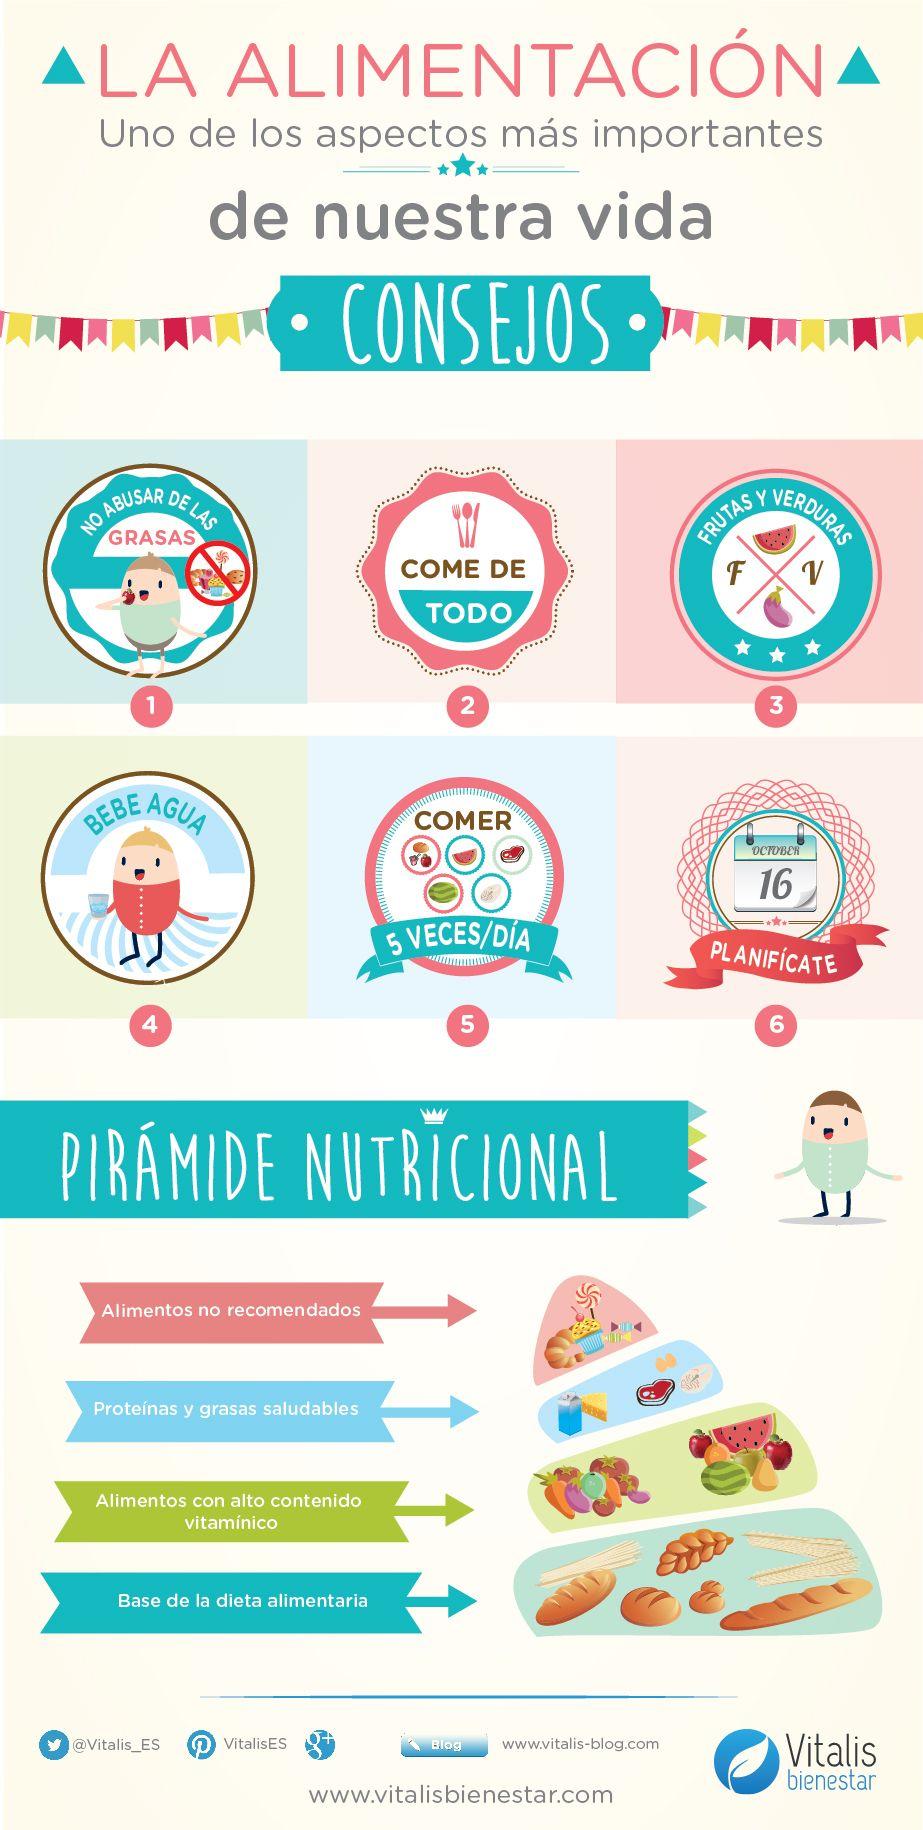 7 consejos para llevar una alimentación saludable – Vitalis